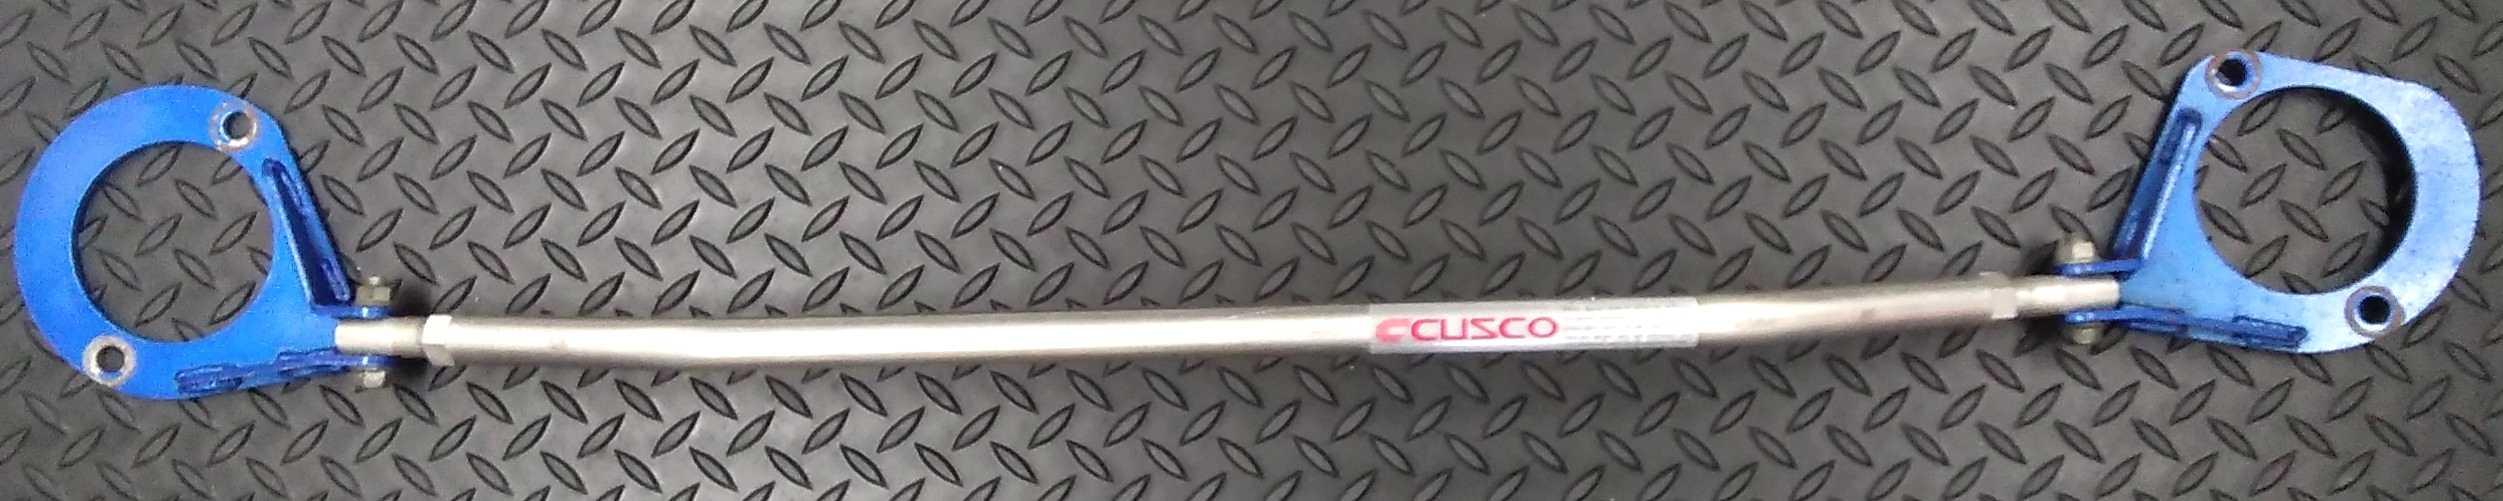 タワーバー|CUSCO